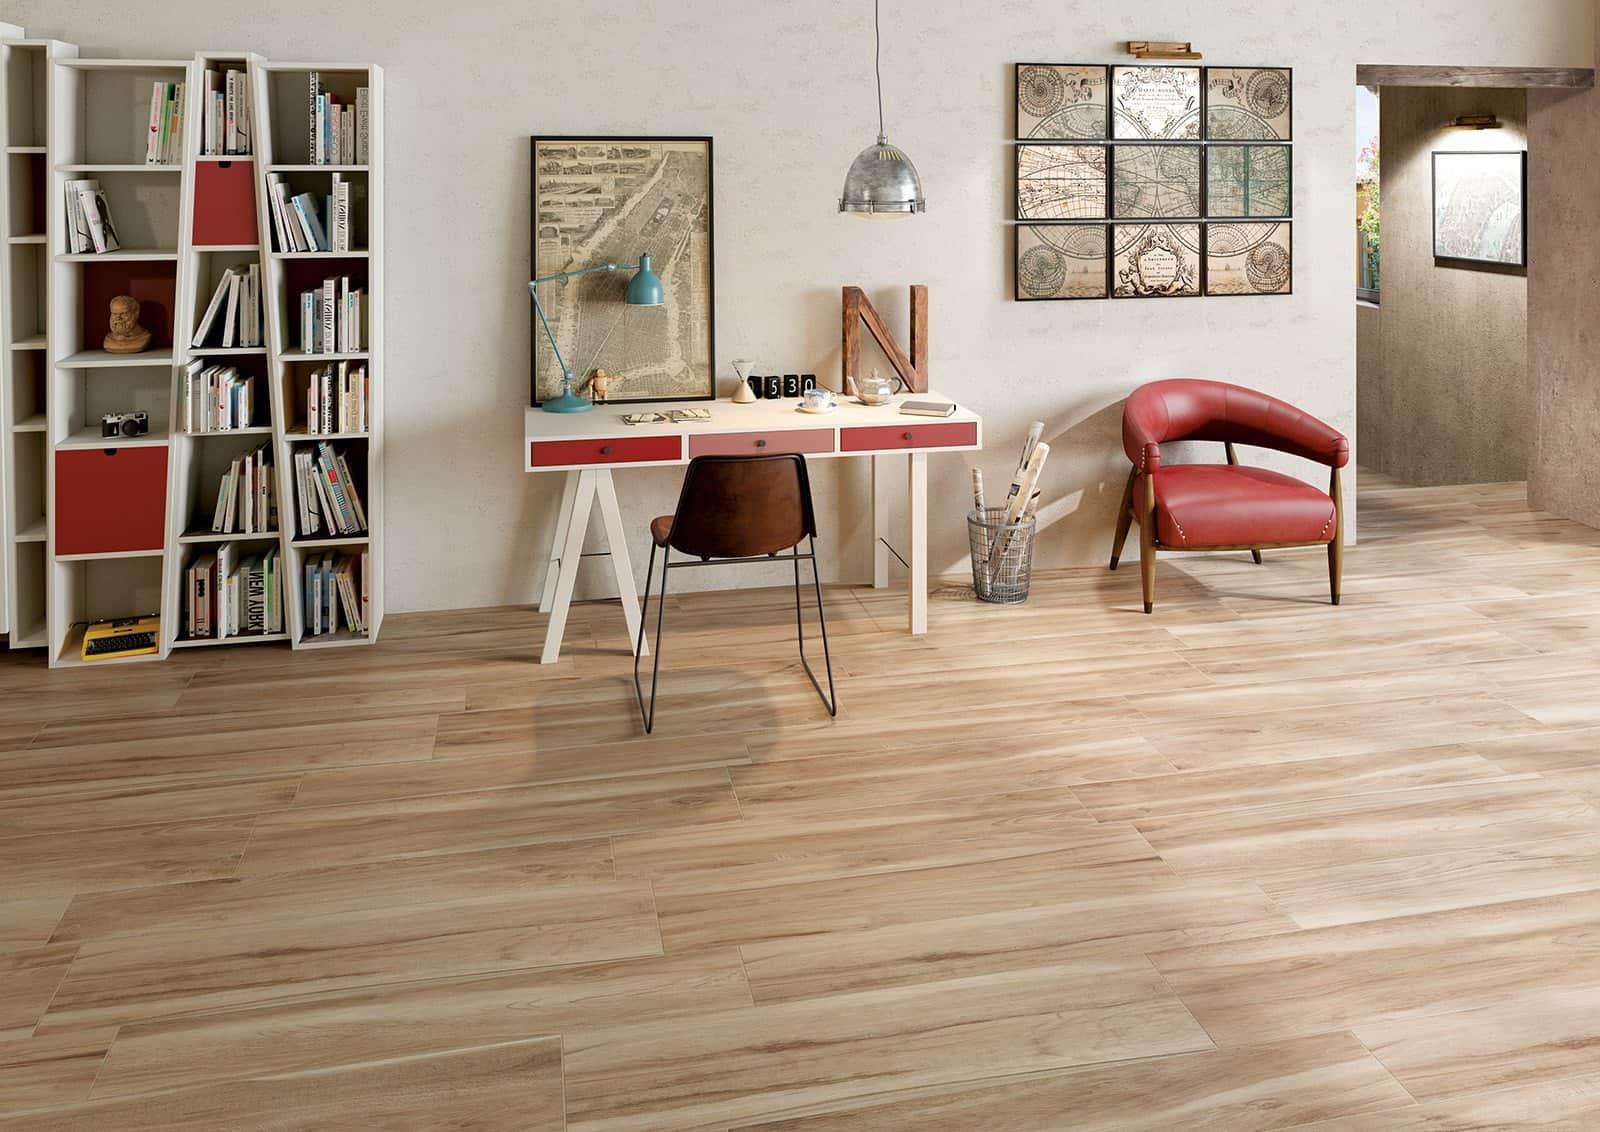 Piastrelle Effetto Legno Tortora : Serie 120 pavimenti e rivestimenti musis